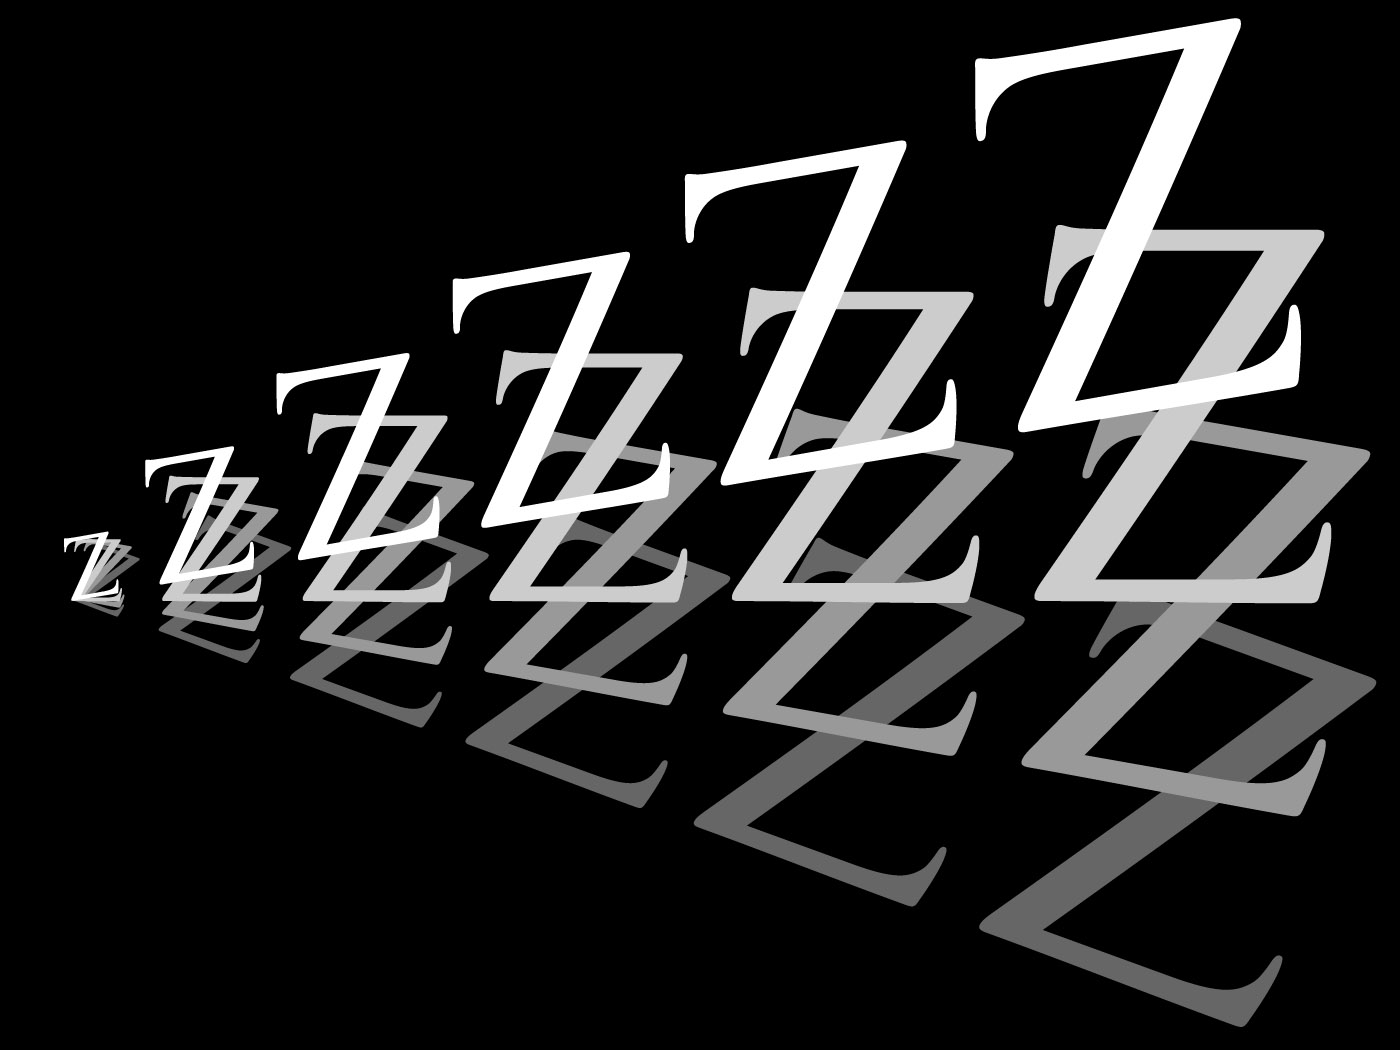 بالصور صور حرف z , حلفيات فيسبوك تبداء باول حرف من اسمك Z 1530 3